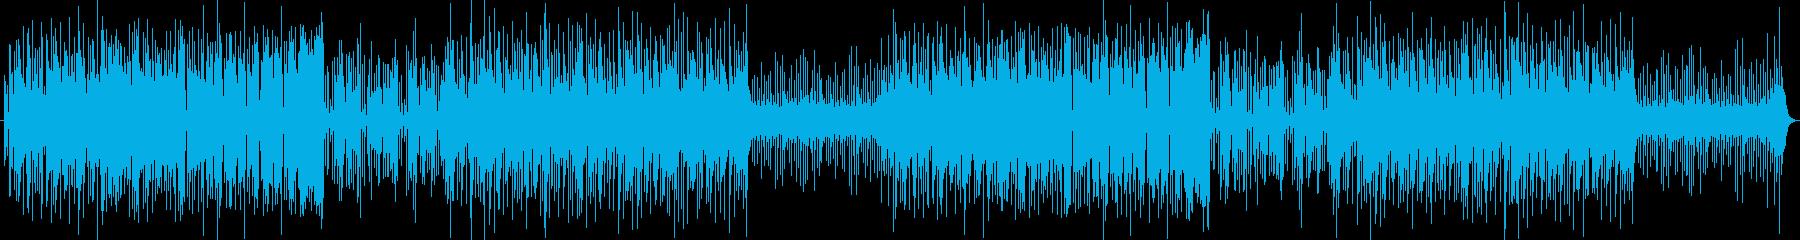 【日常系】ほのぼのと明るく楽しい映像向けの再生済みの波形